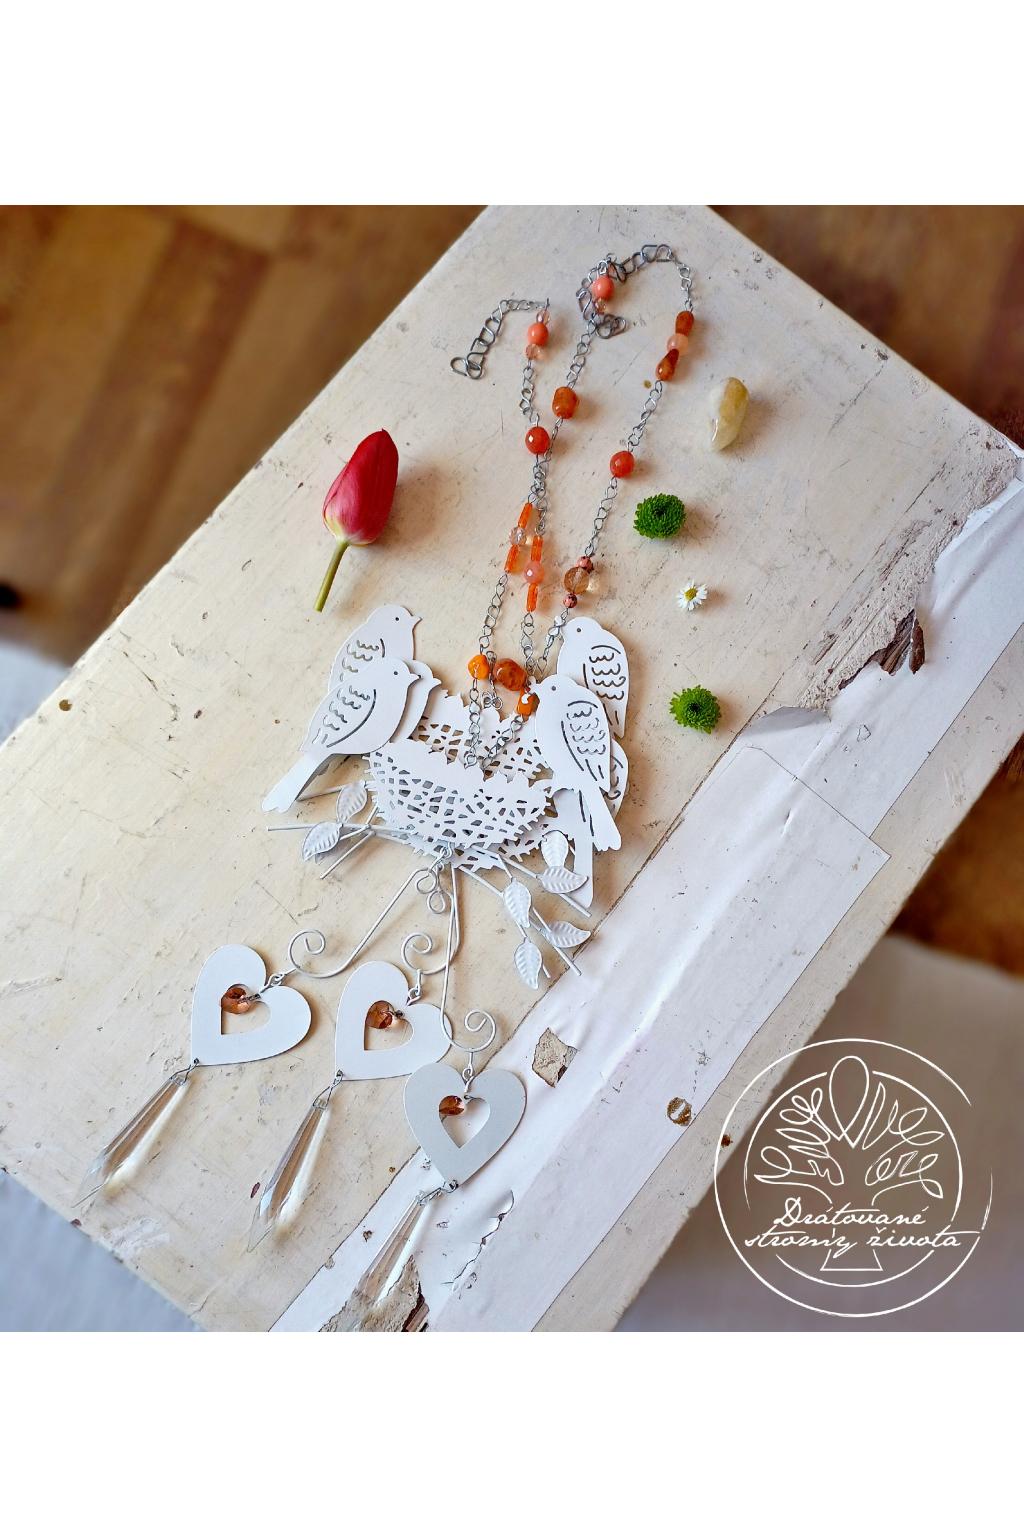 Závěs s ptáčky a srdcem Swarovski - oranžový 55cm